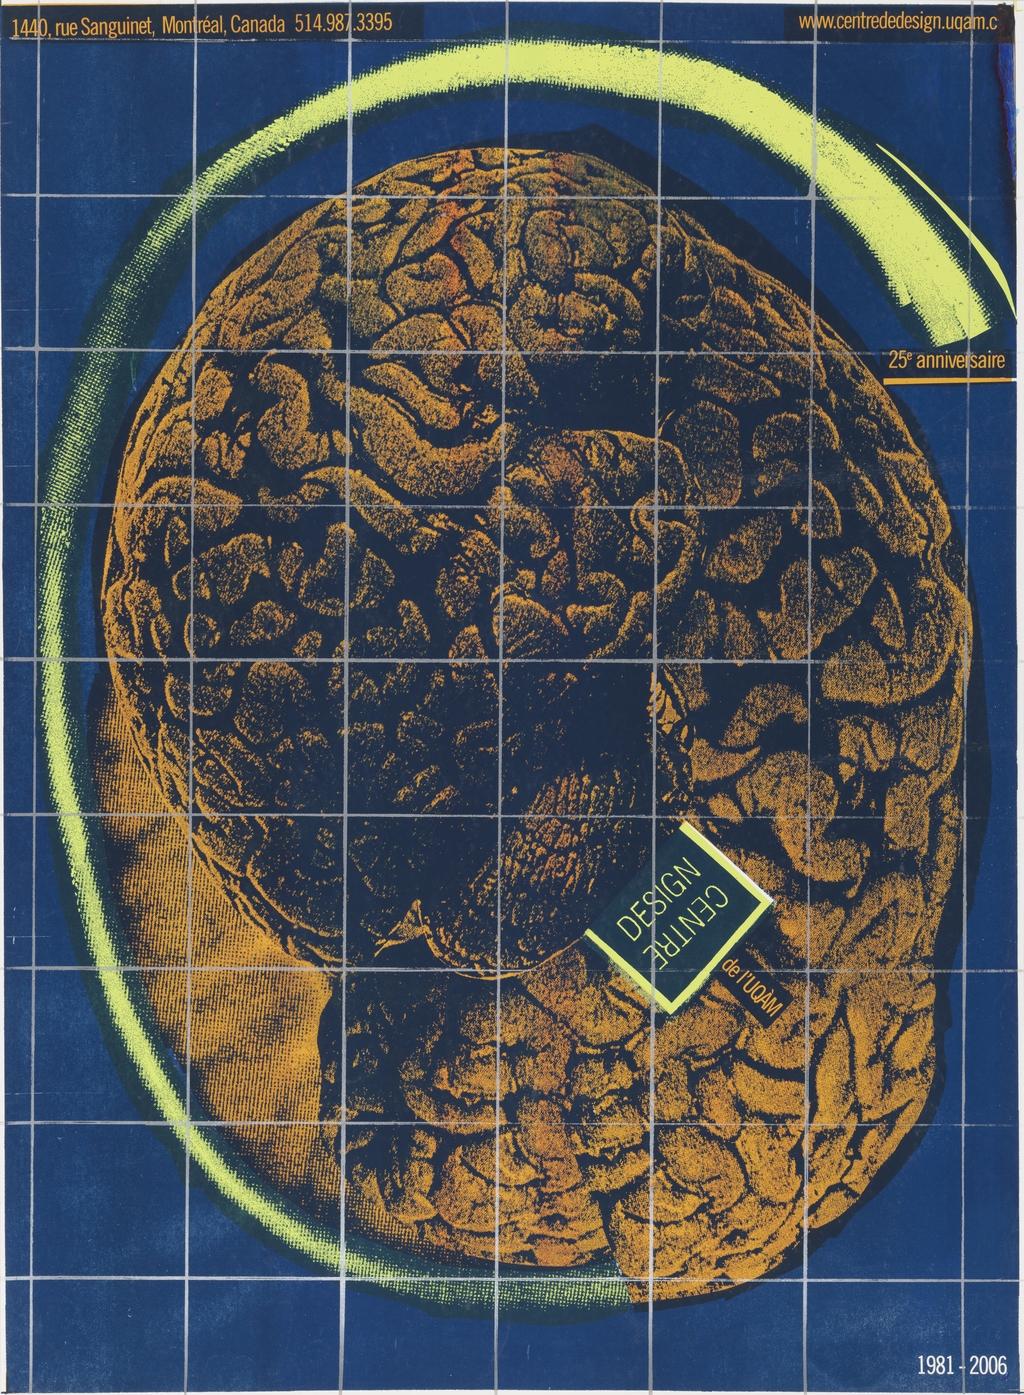 25e Anniversaire du Centre de design de l'UQAM 1981-2006